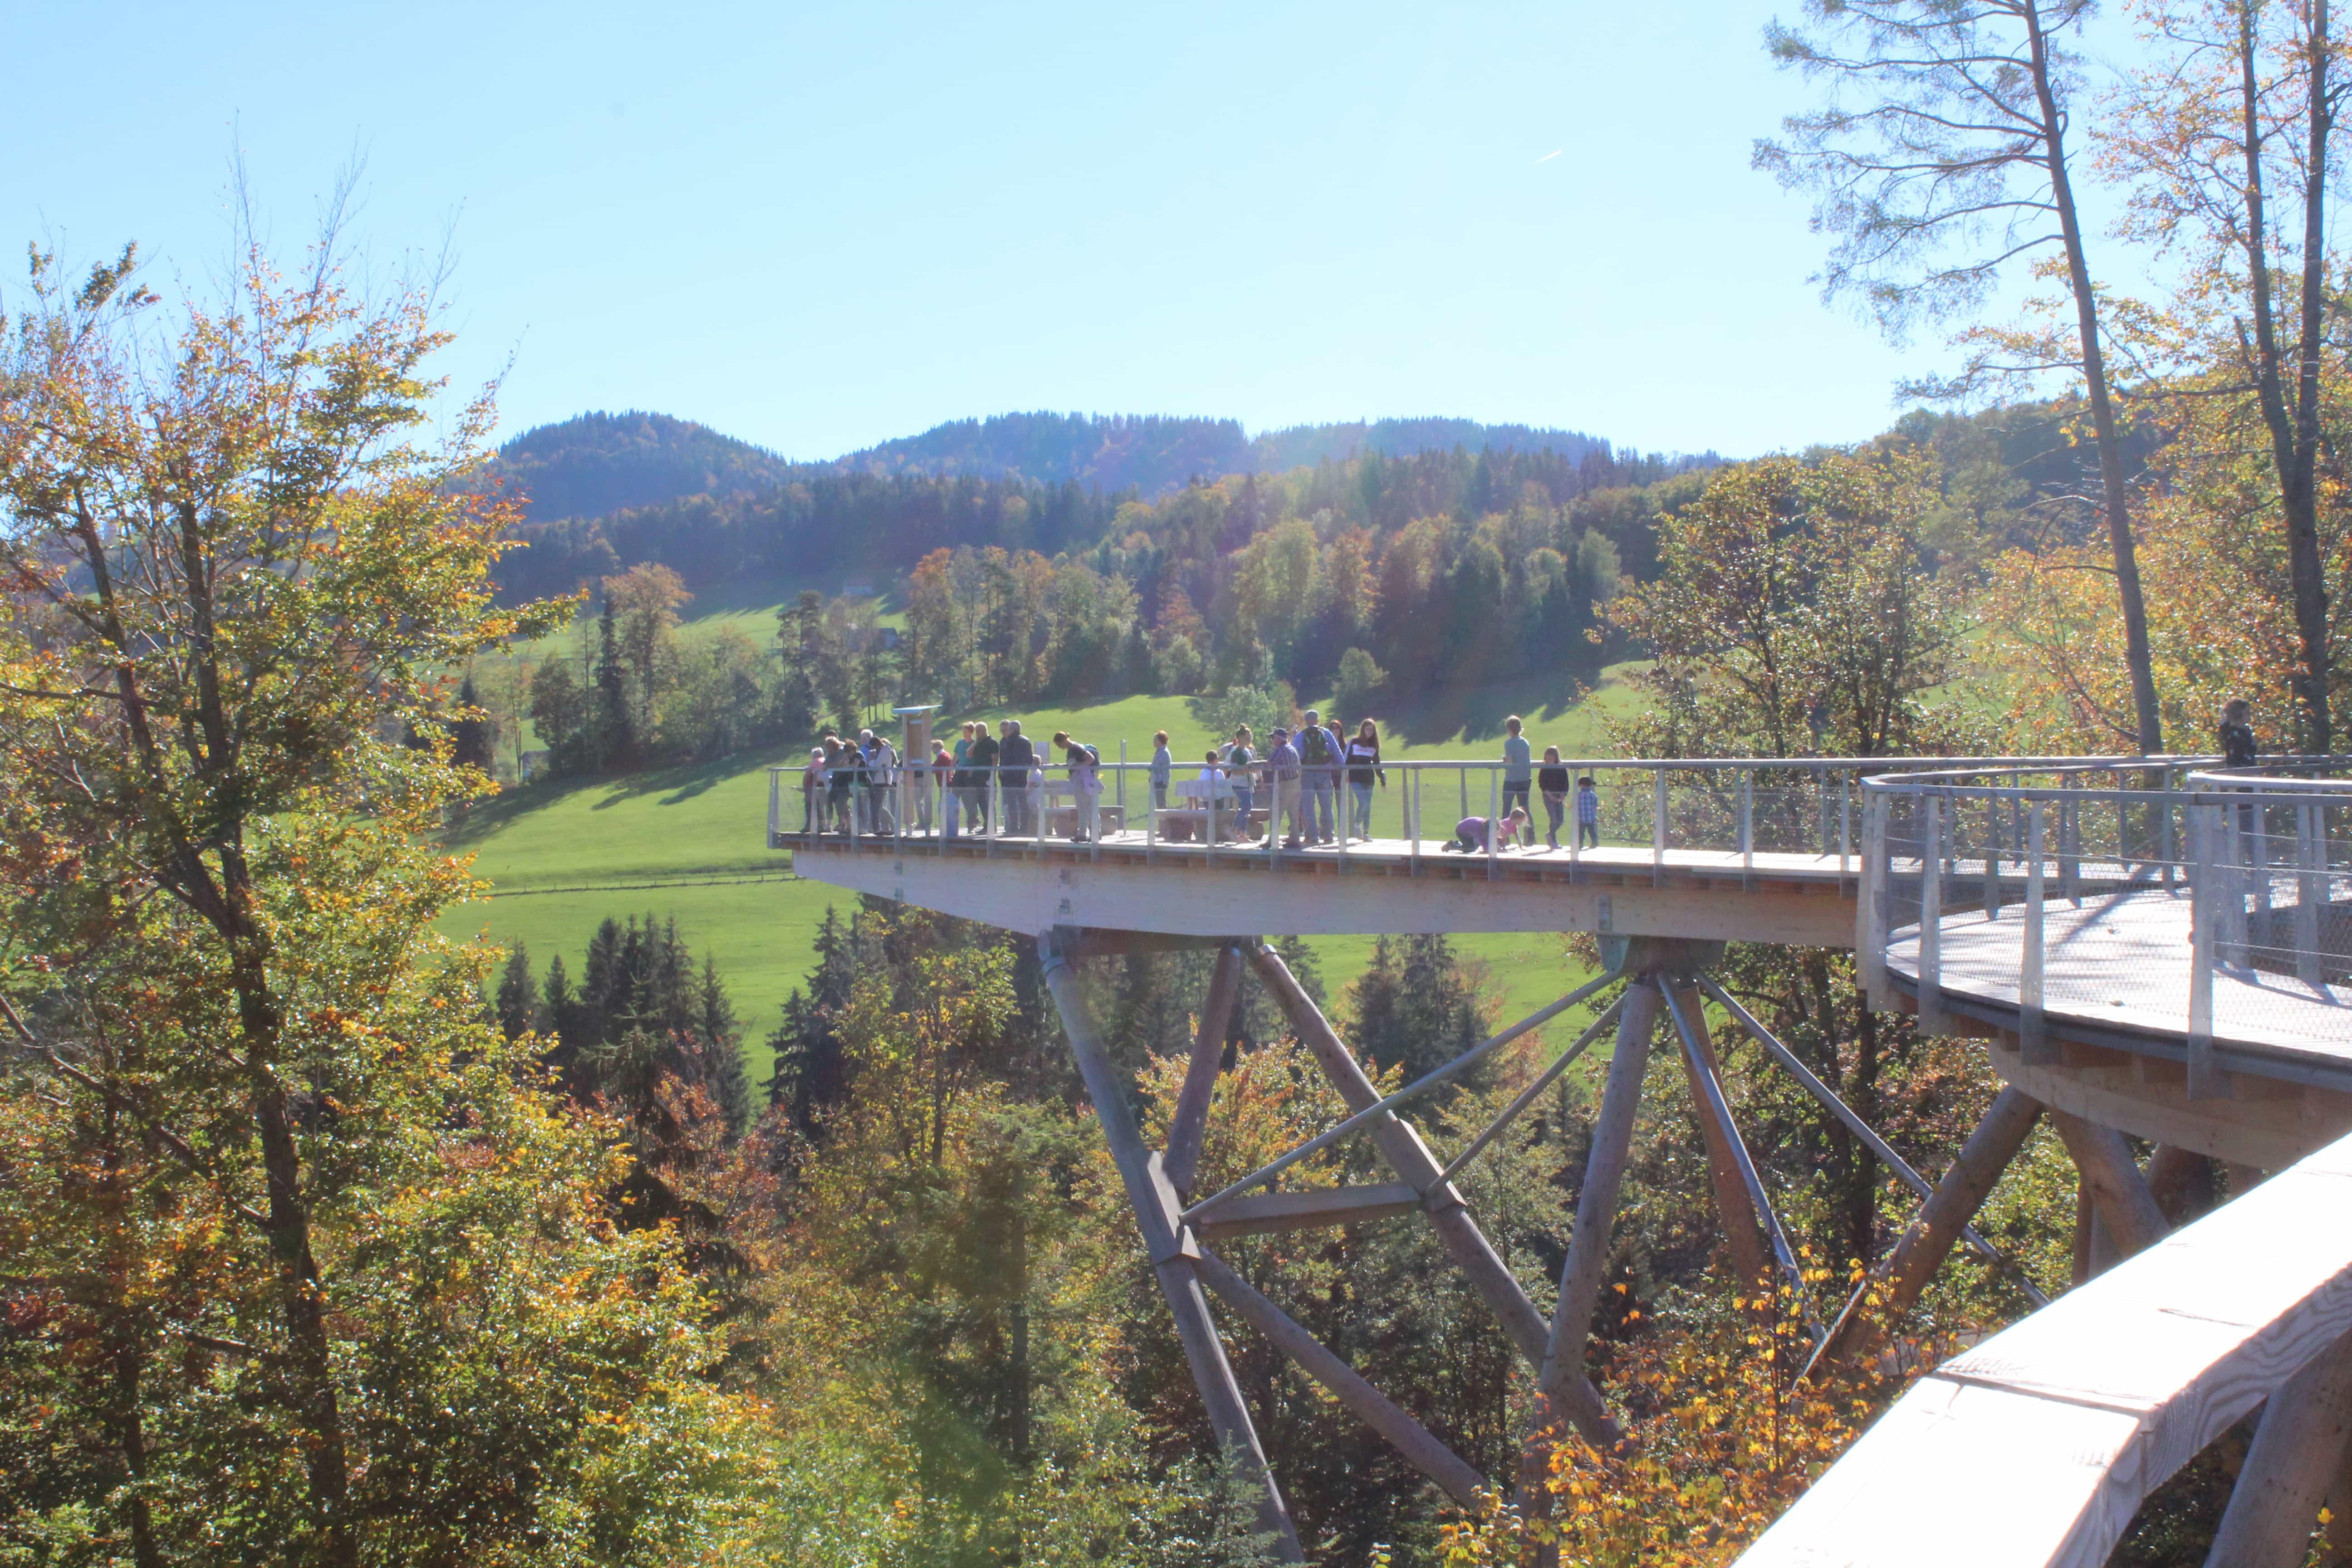 Schweizer Holz hautnah erleben! Ausflugsideen für Gross und Klein.